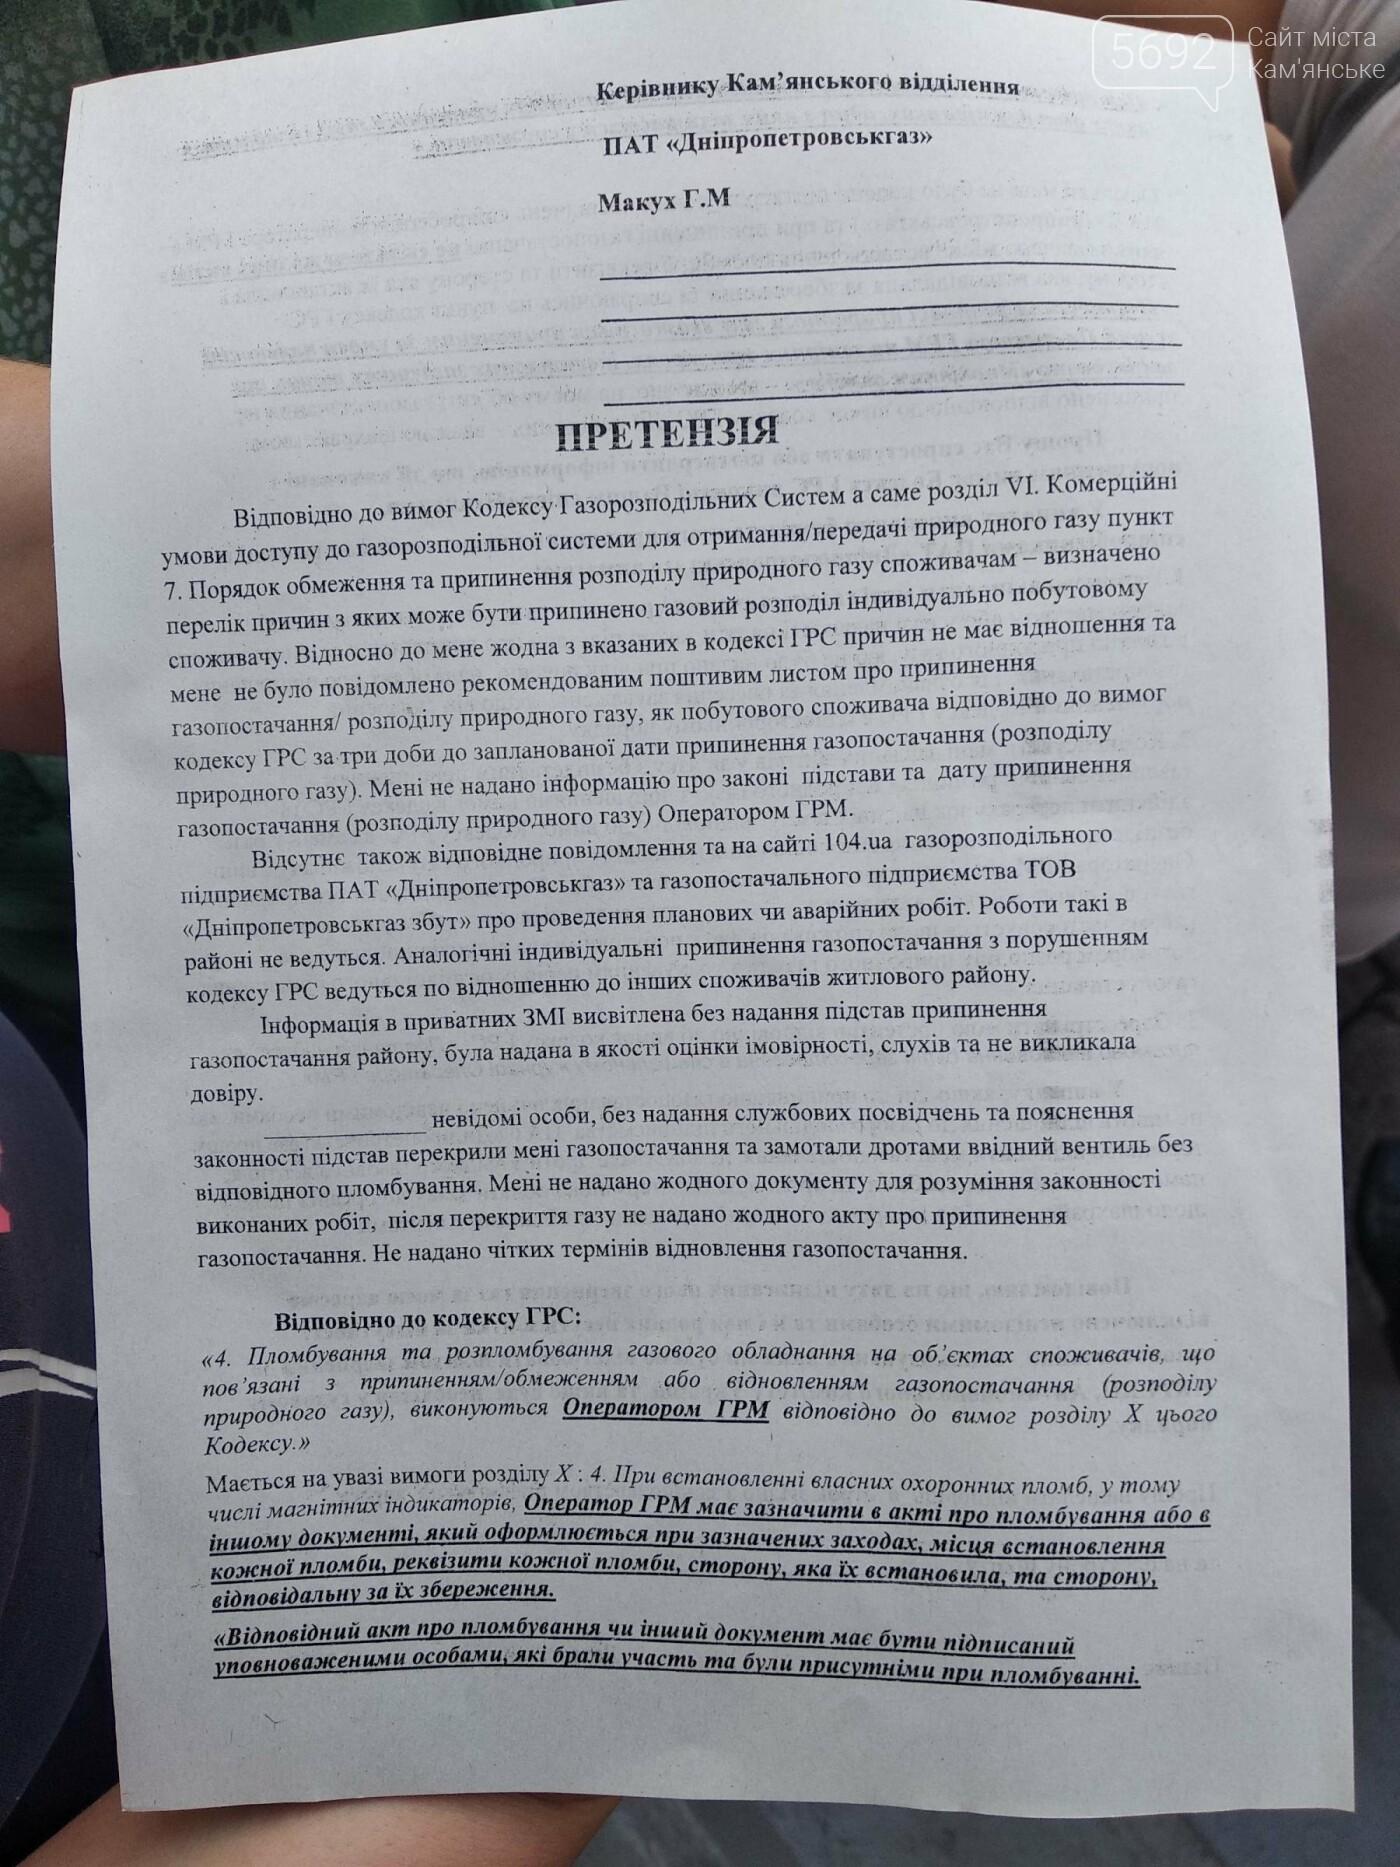 В Романково прошла массовая акция каменчан против газовщиков, фото-4